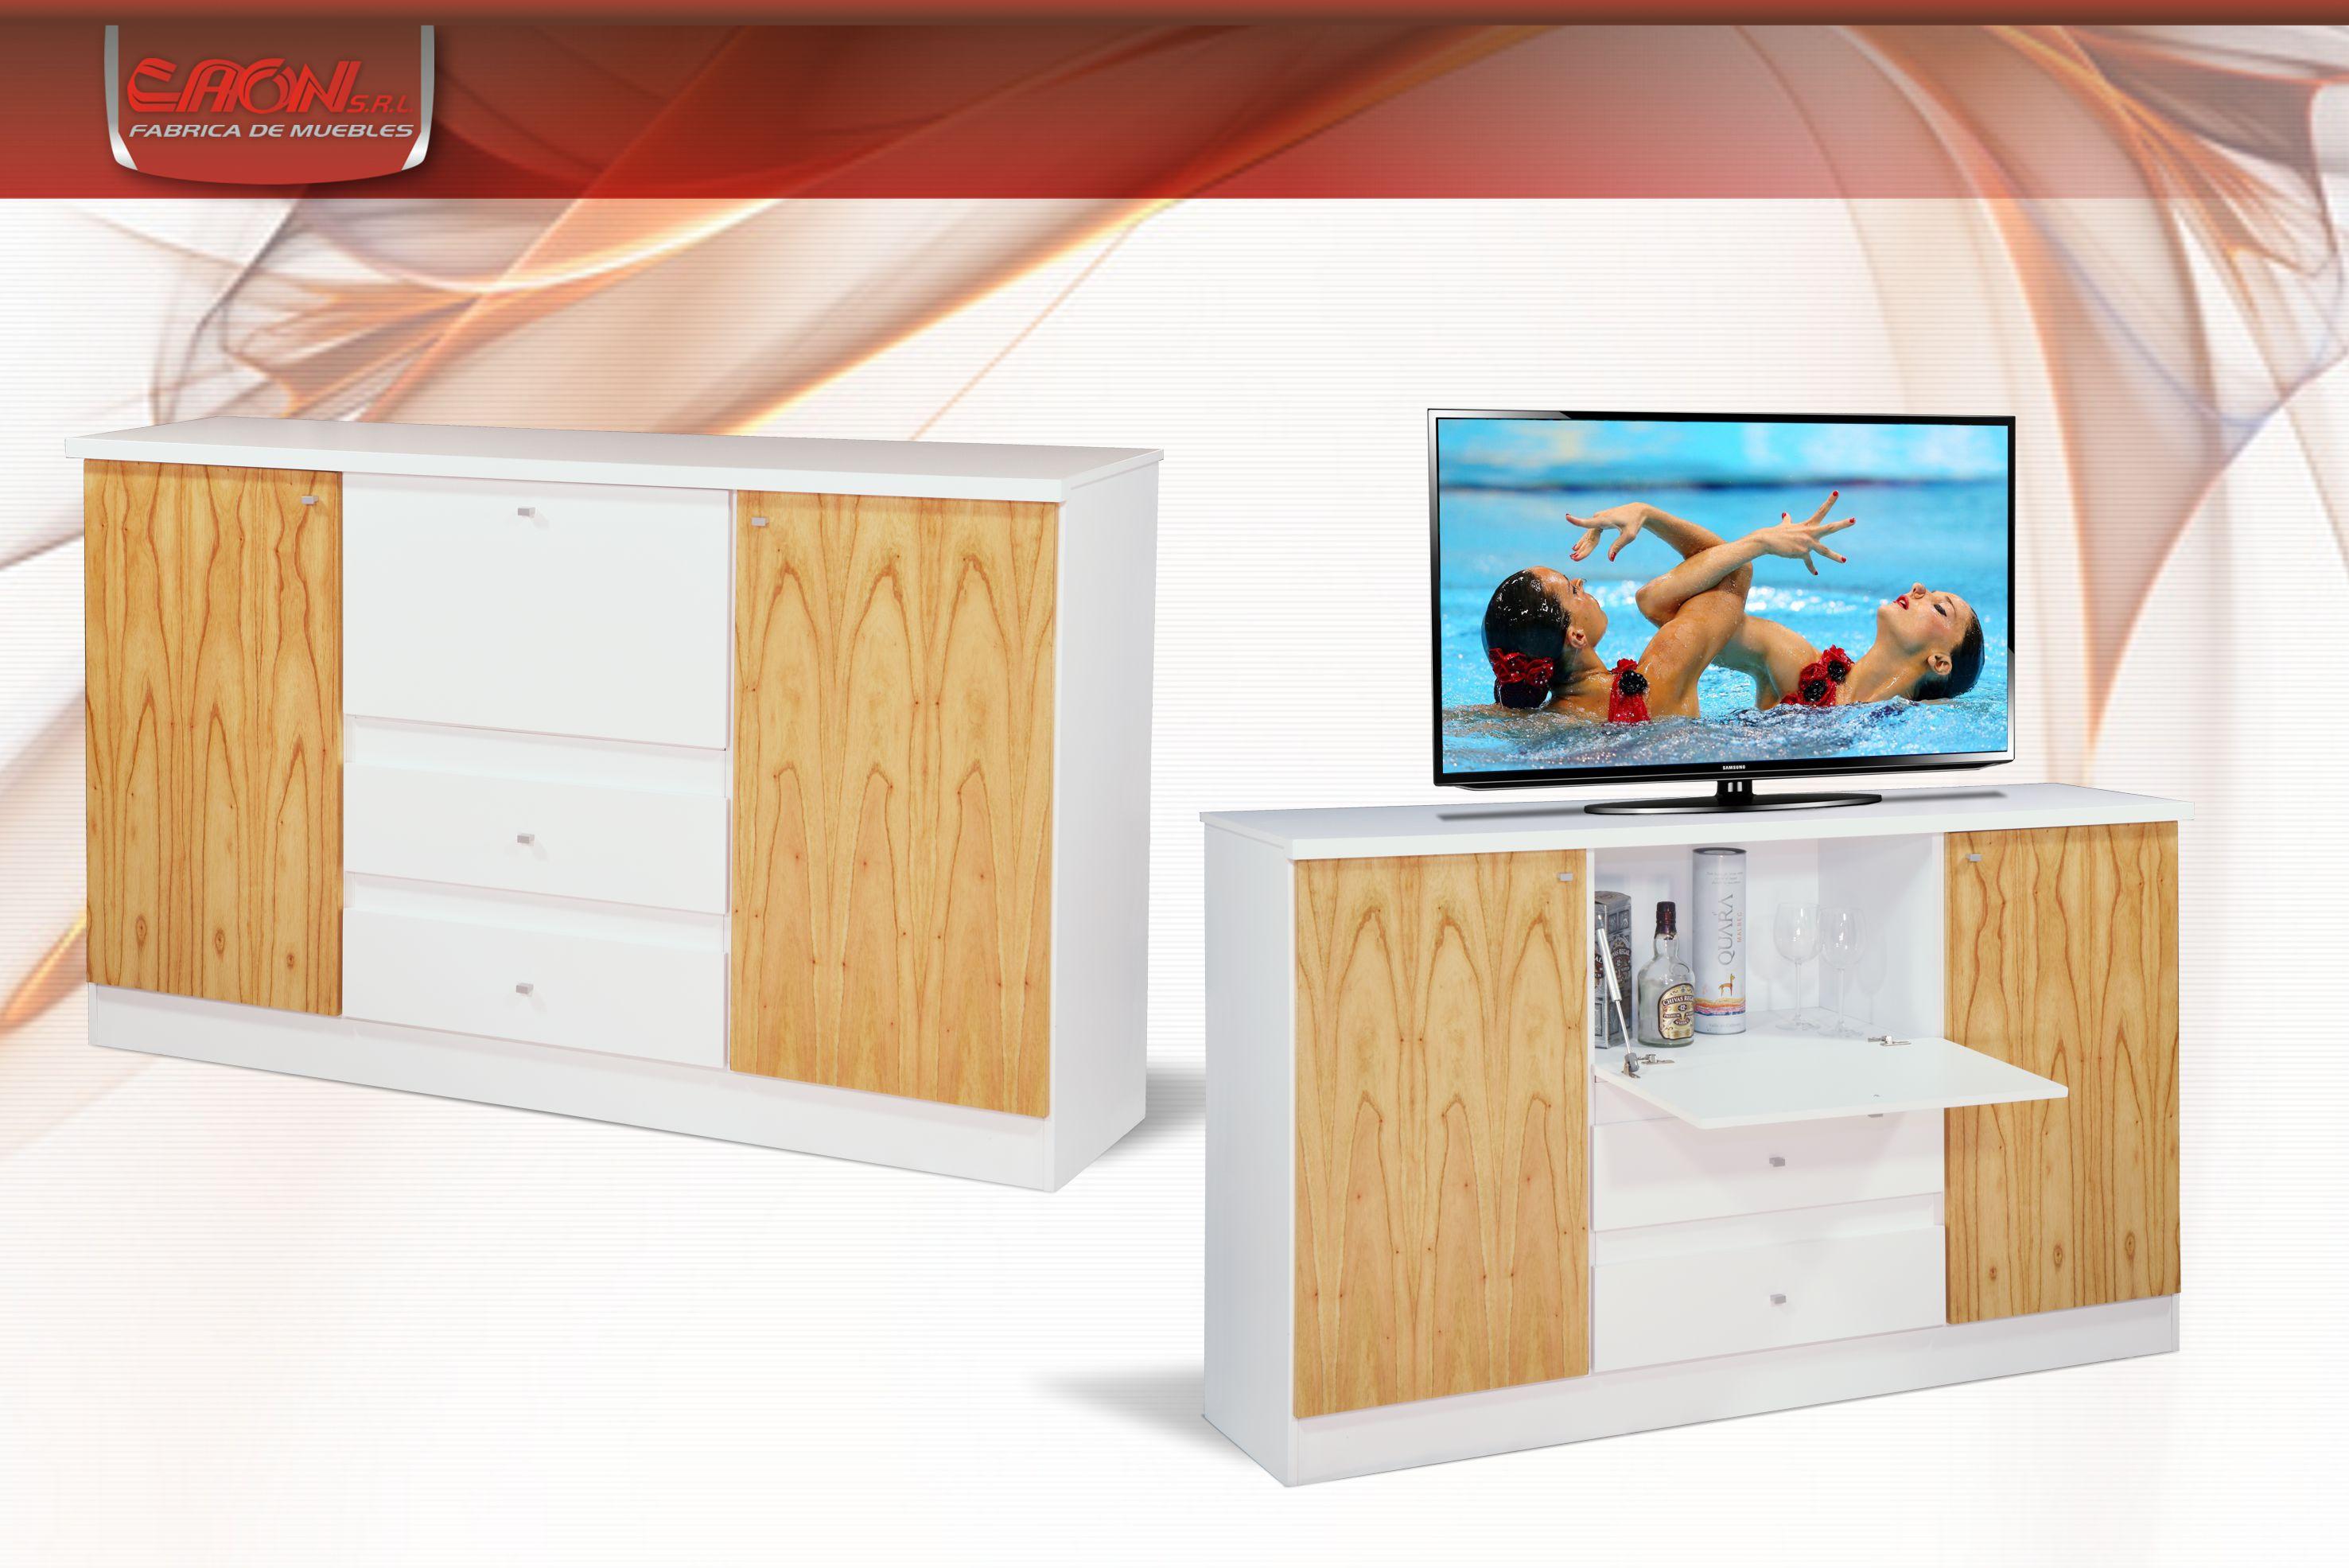 Productos Caon S R L  # Muebles Caon Canada De Gomez